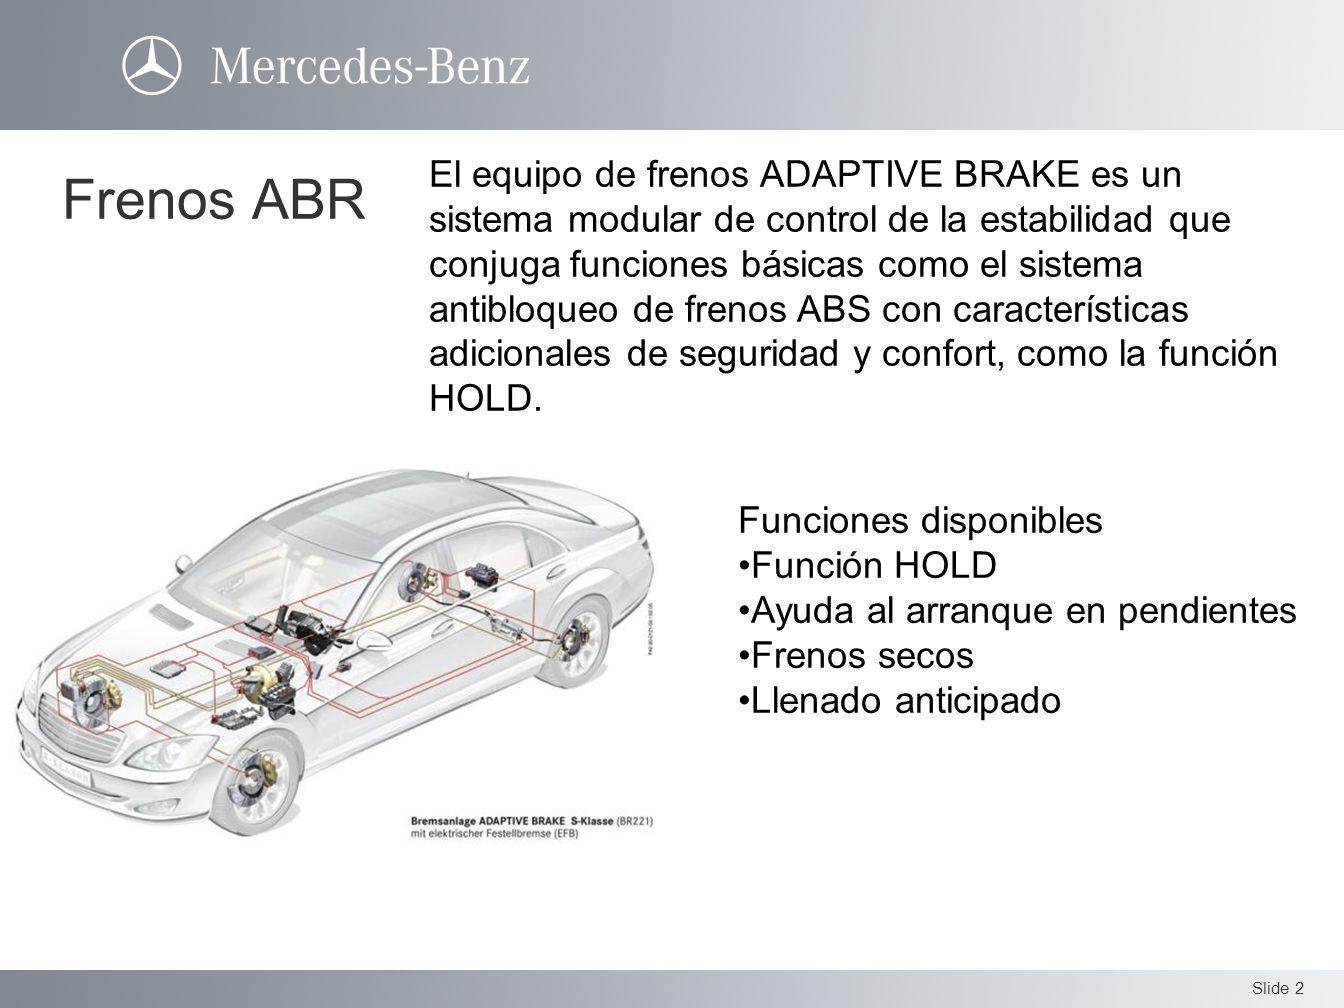 Slide 2 Frenos ABR El equipo de frenos ADAPTIVE BRAKE es un sistema modular de control de la estabilidad que conjuga funciones básicas como el sistema